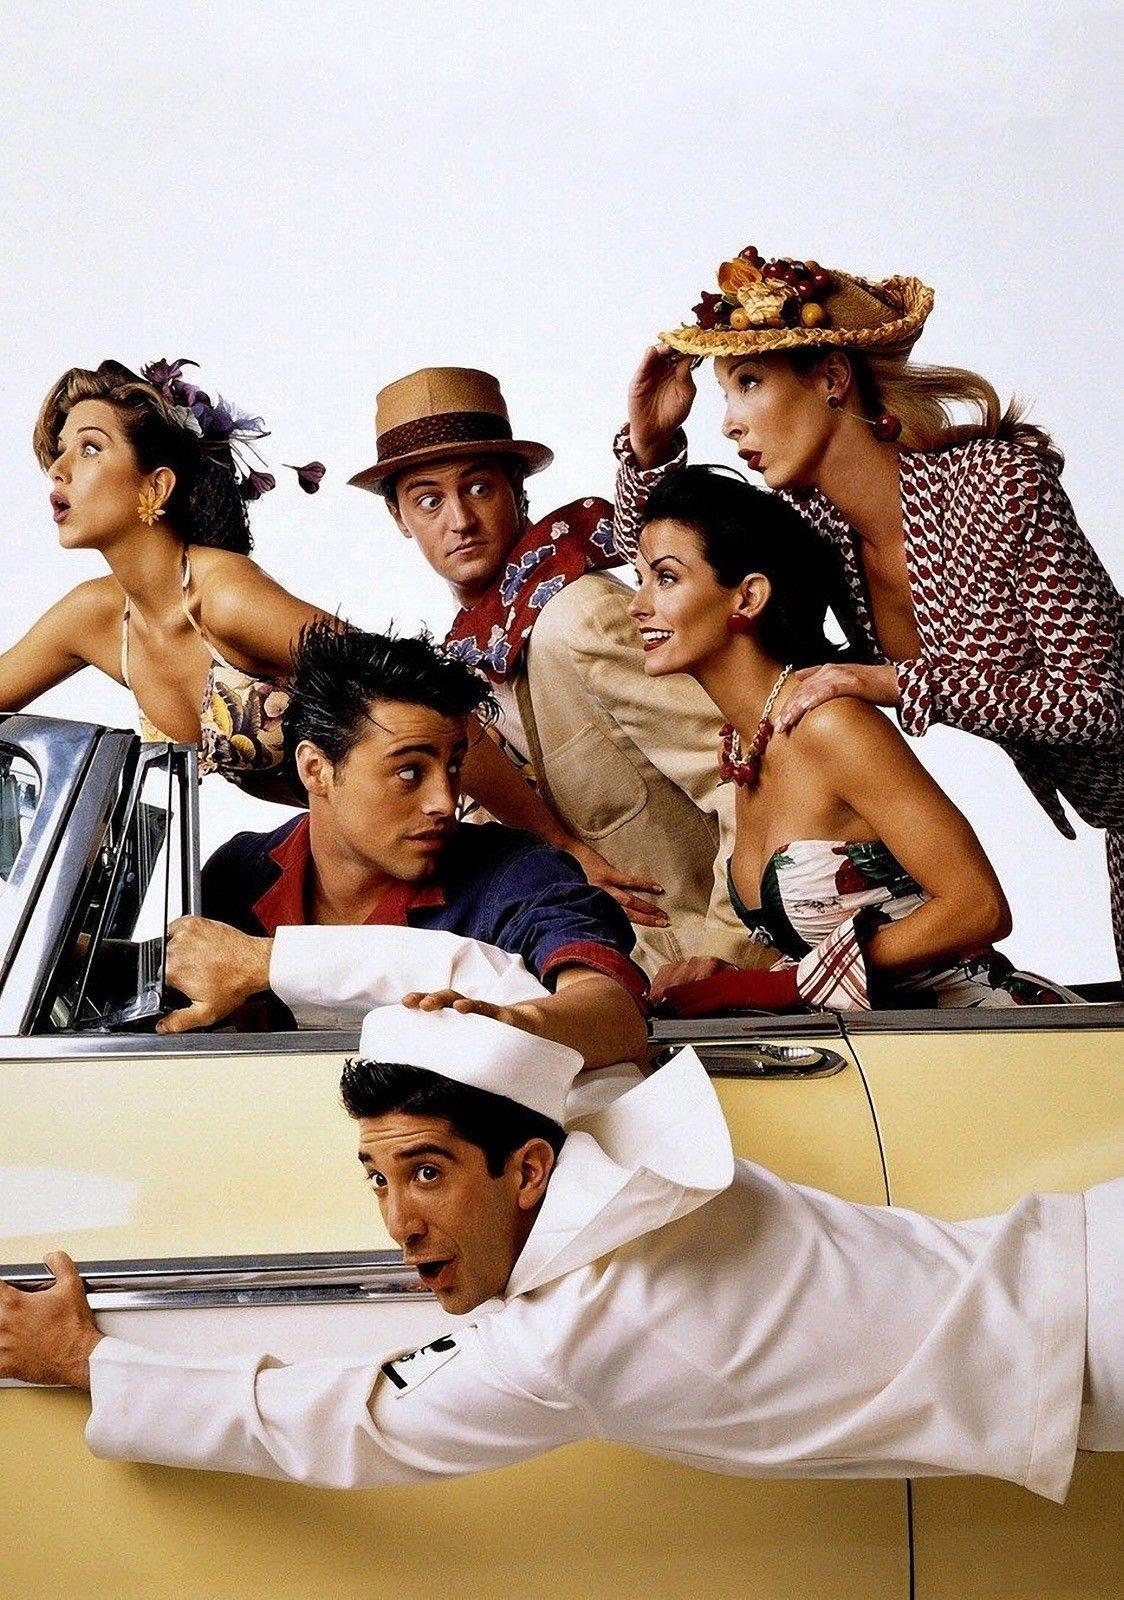 FRIENDS TV Show POSTER Series Cast Art Seinfeld Matt LeBlanc